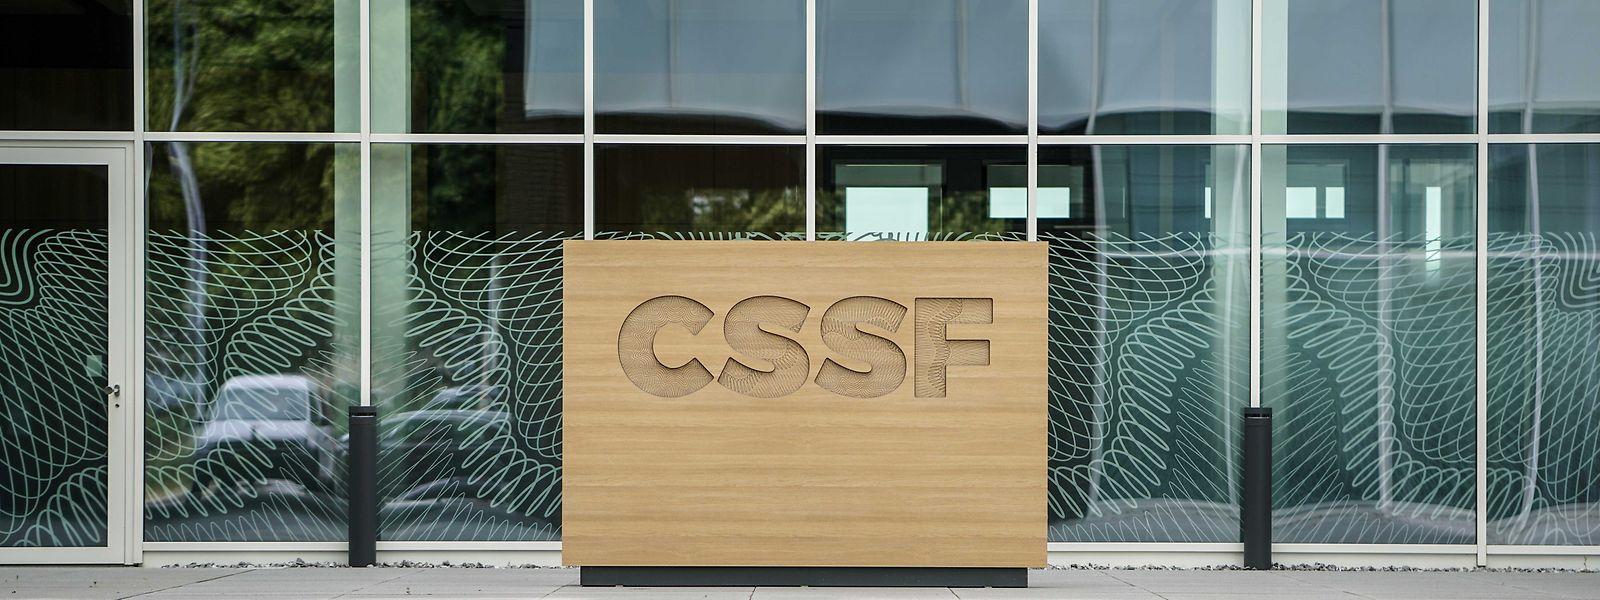 C'est le 17 octobre 1945 que le poste de Commissaire de contrôle aux banques, l'ancêtre de la CSSF a été créé.